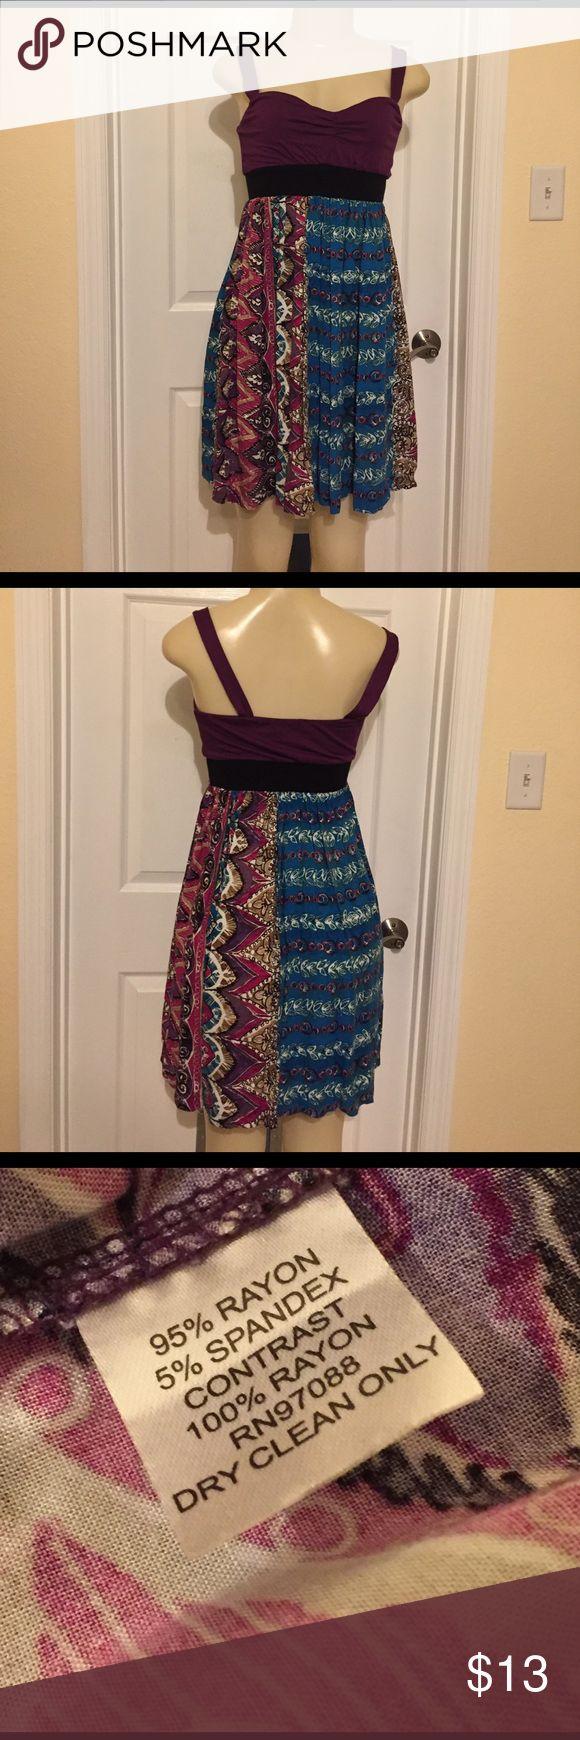 30% off bundles Delias dress Very light and comfy Delias Dresses Mini